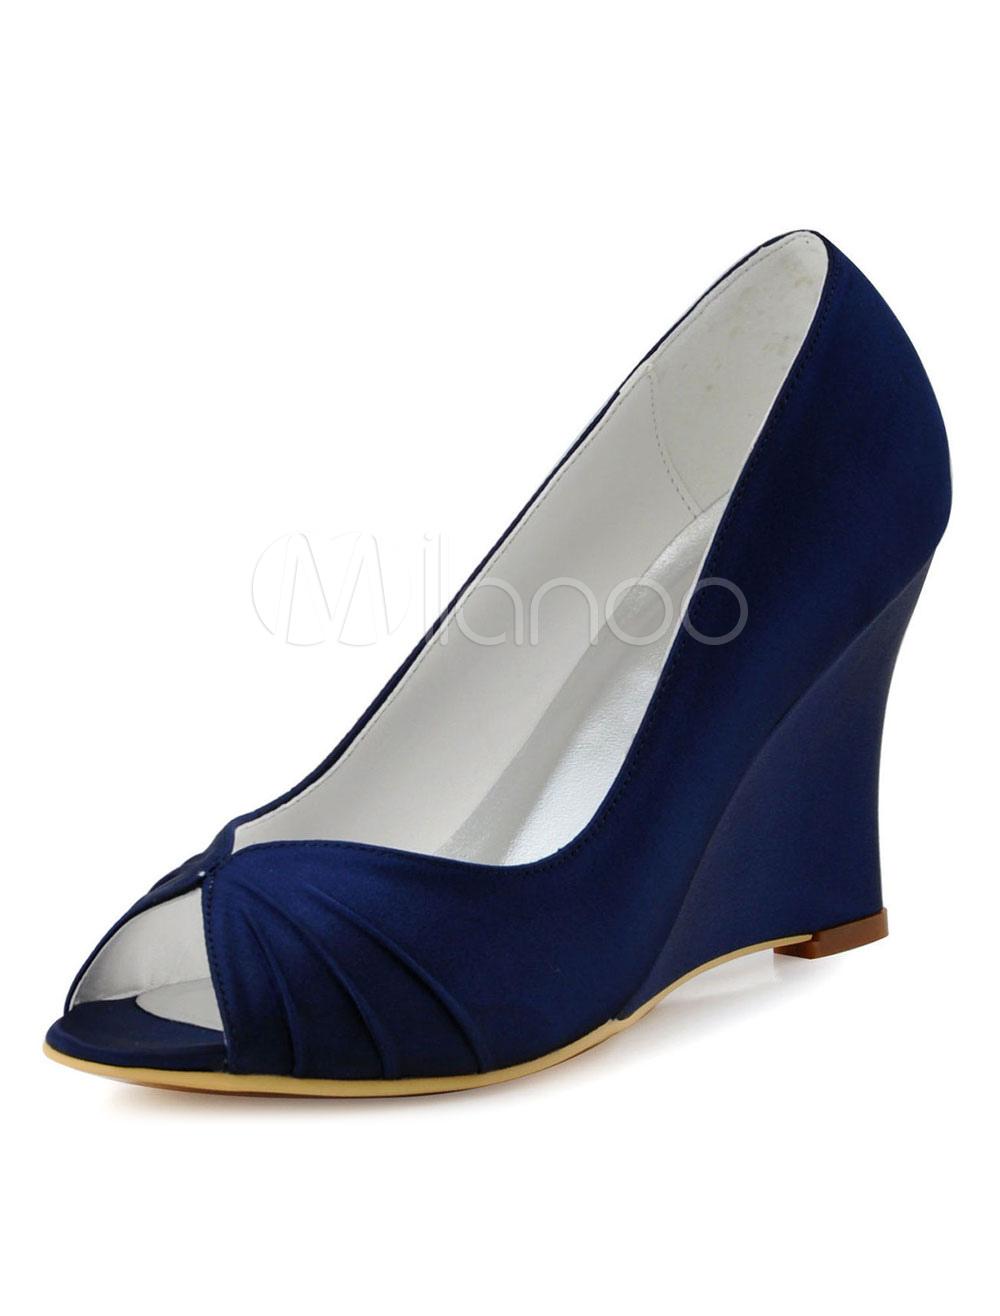 Zapatos de tacón de cuña de punter Peep Toe de seda sintética elegantes Fiesta de bodas UWfIDfK0